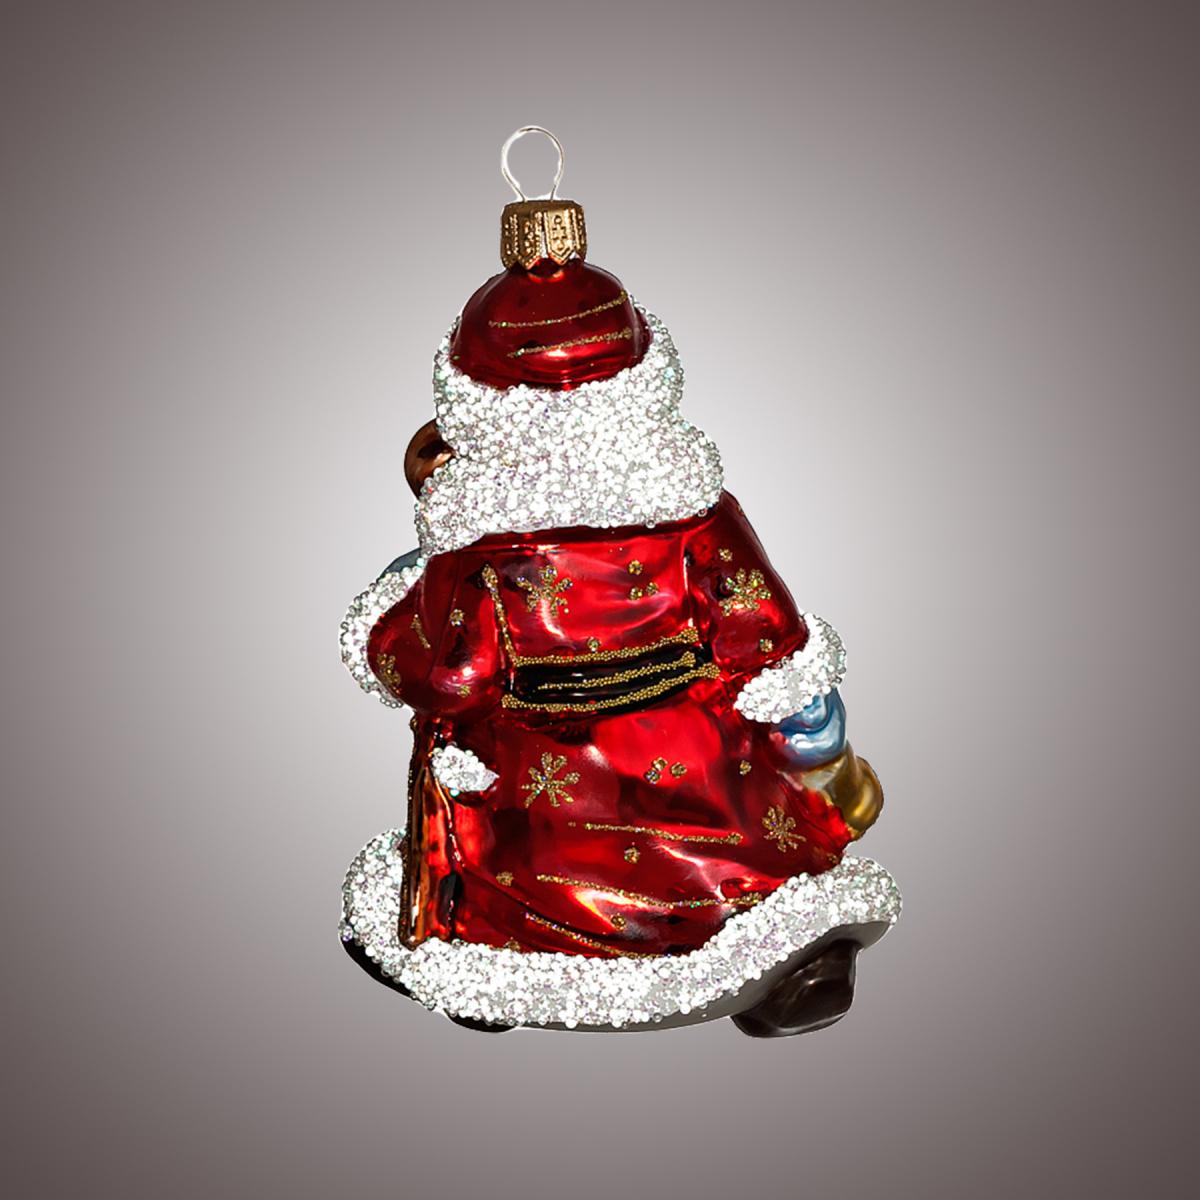 Дед Морозик с колокольчиком